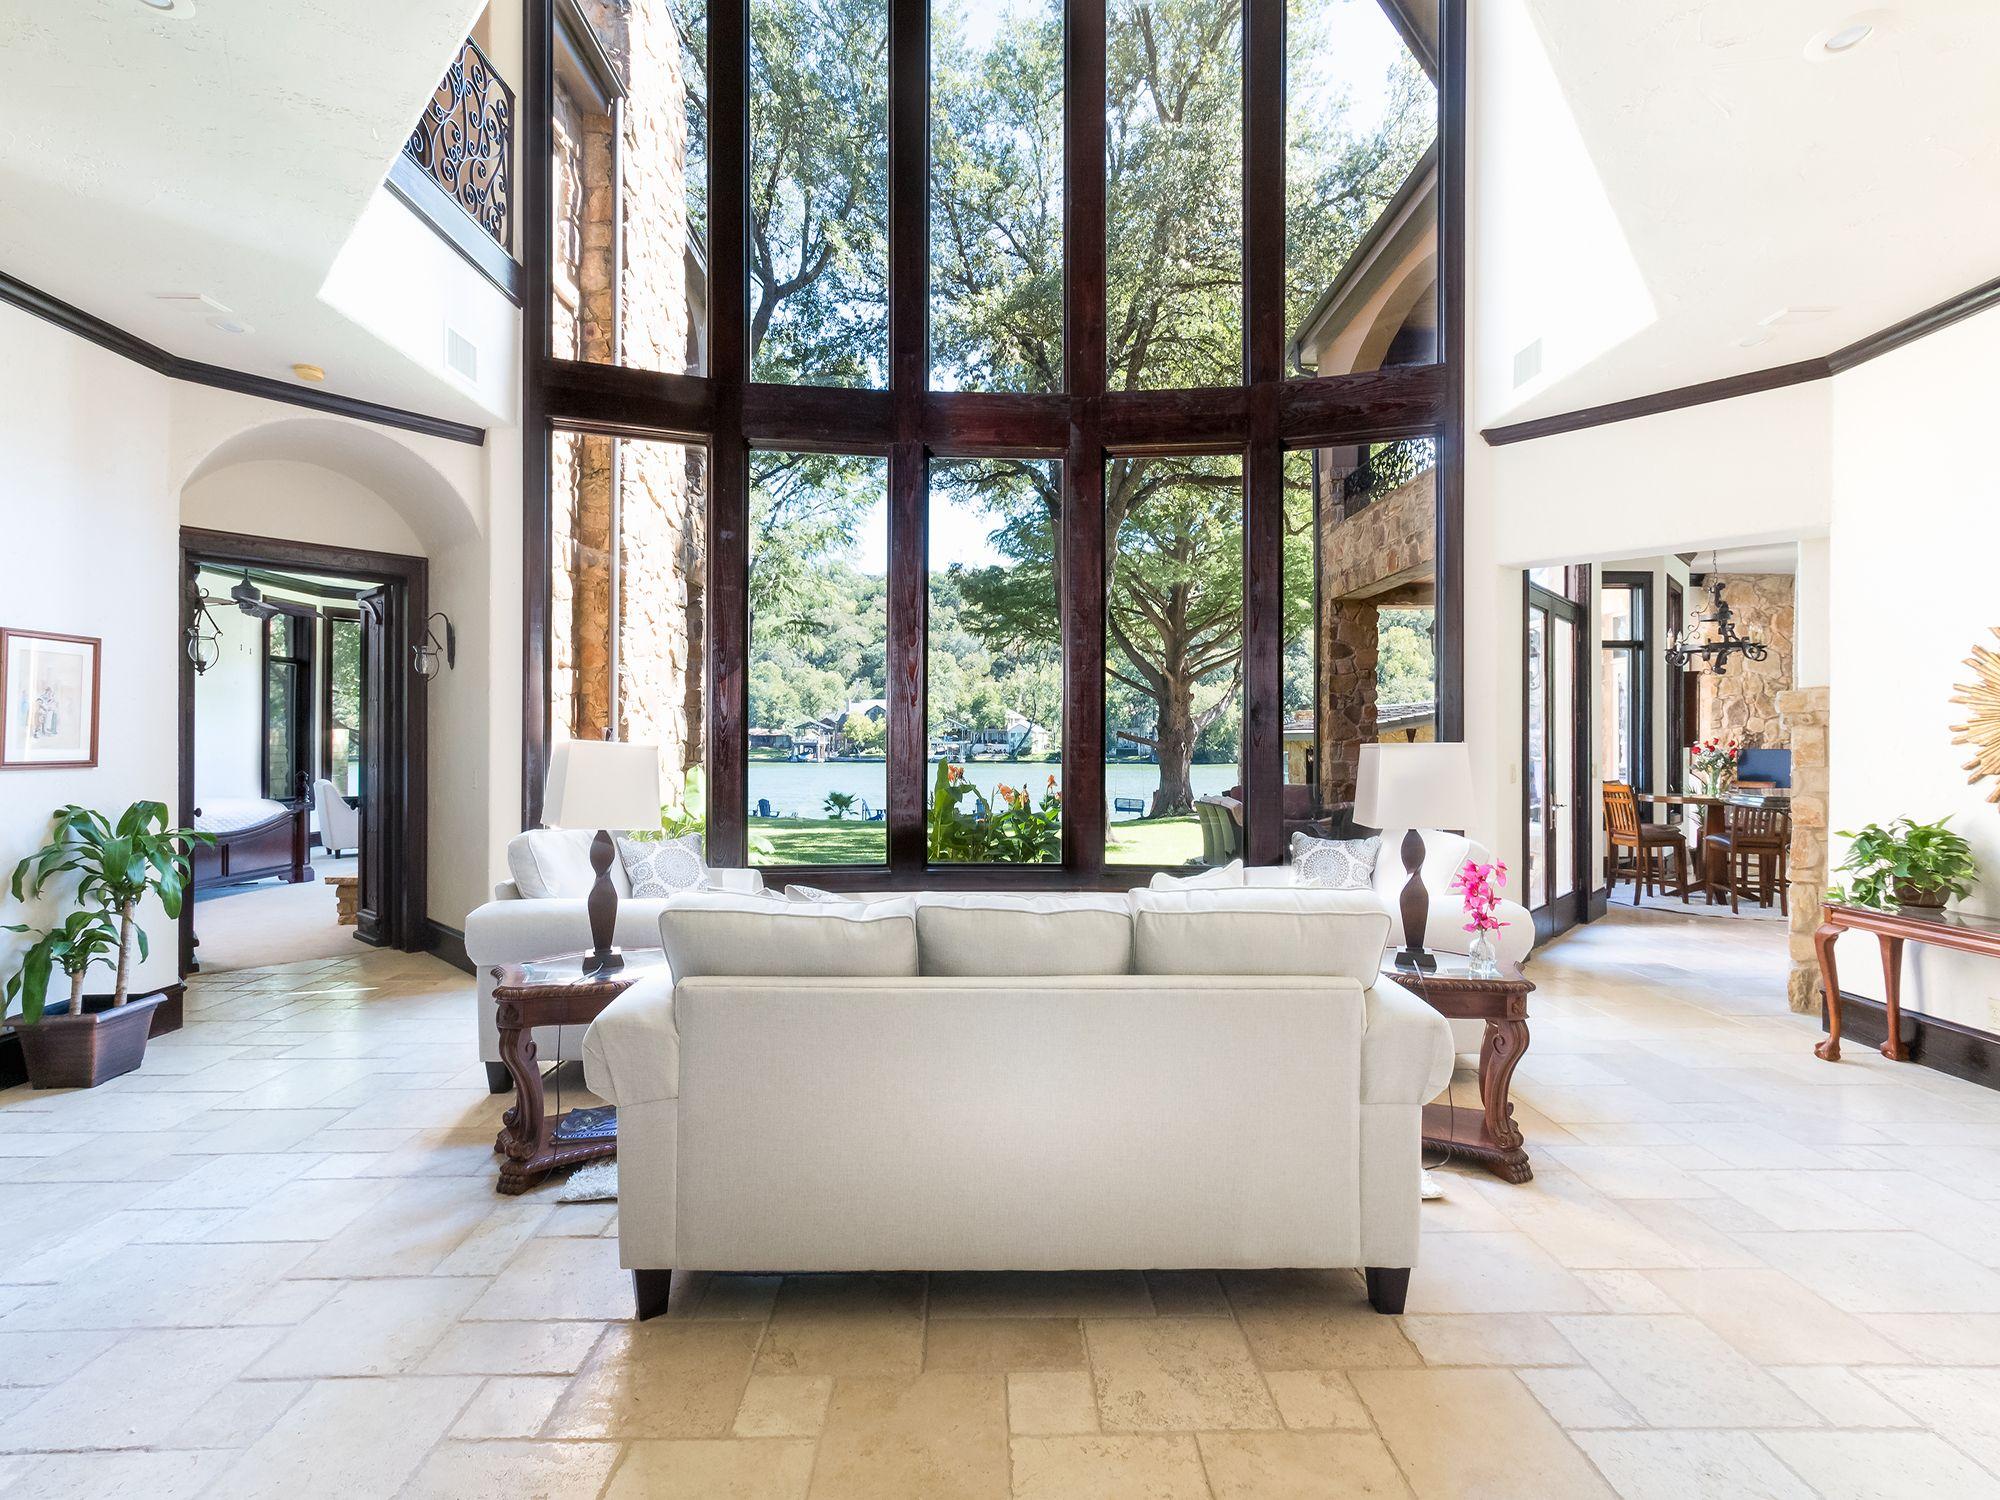 Mahogany Enriched Living Area - 2803 Pearce Road  Lake